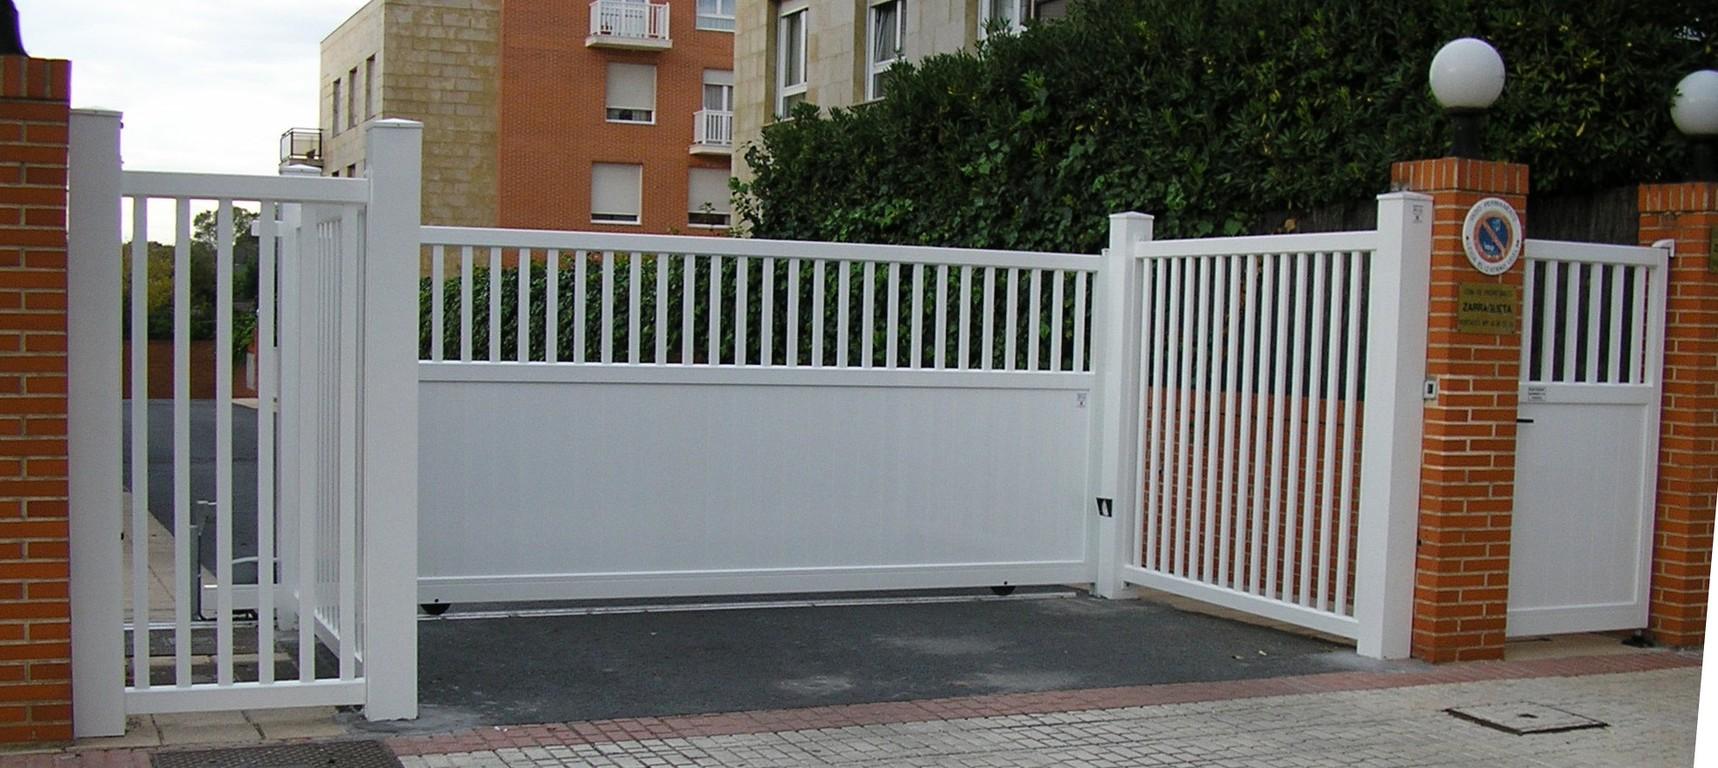 Puertas de jard n seccionales aluminios no in gar s for Puertas para patios modelos